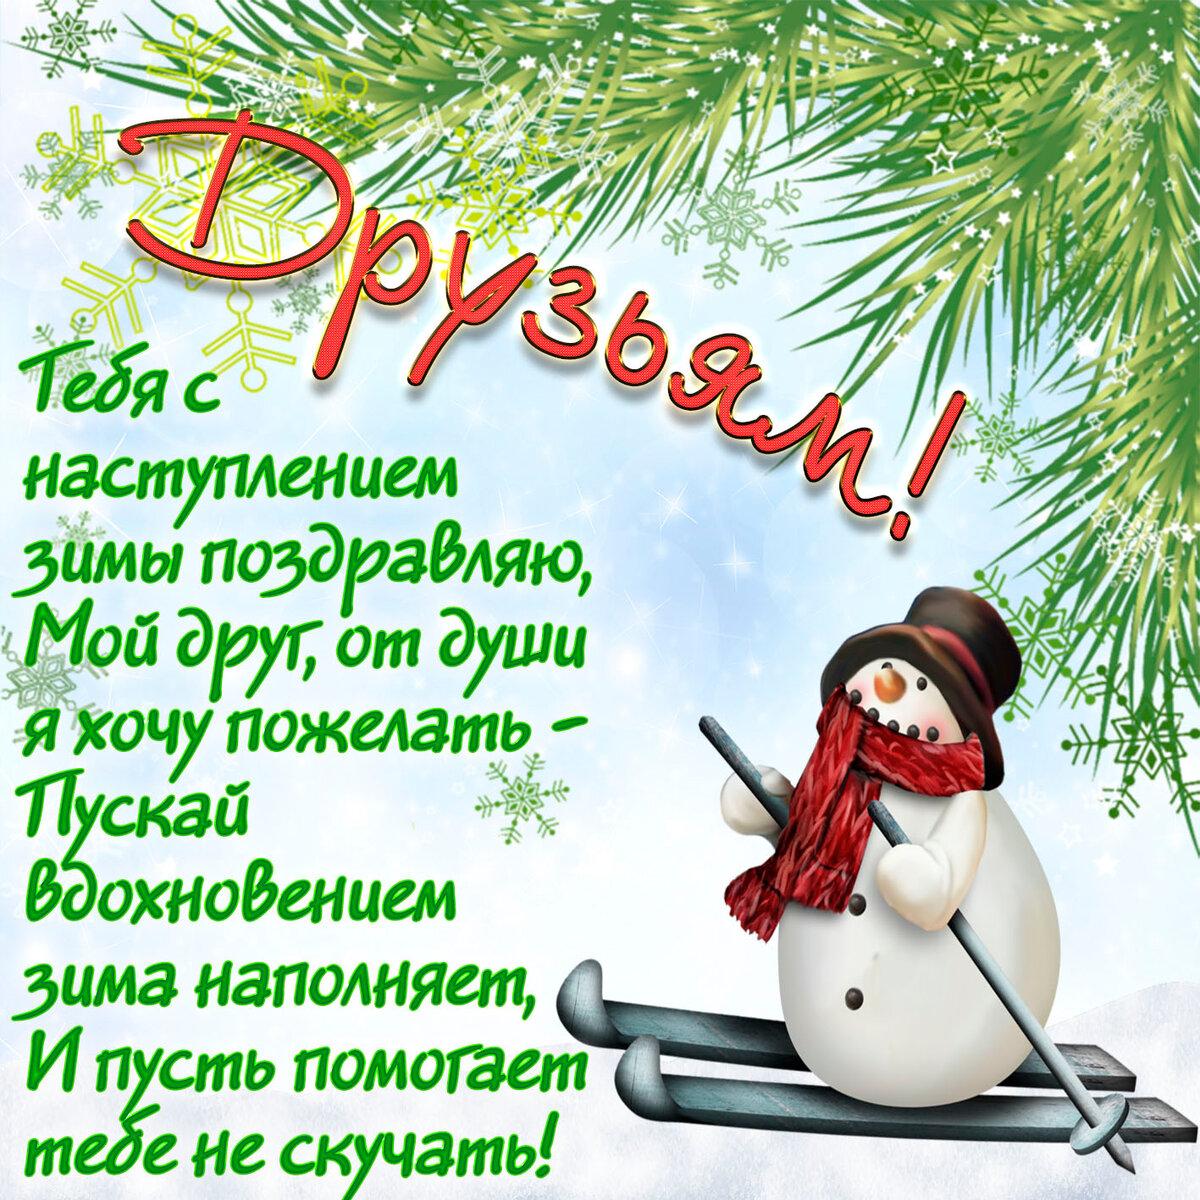 открытки для друзей зимние жареную сельдь кляре